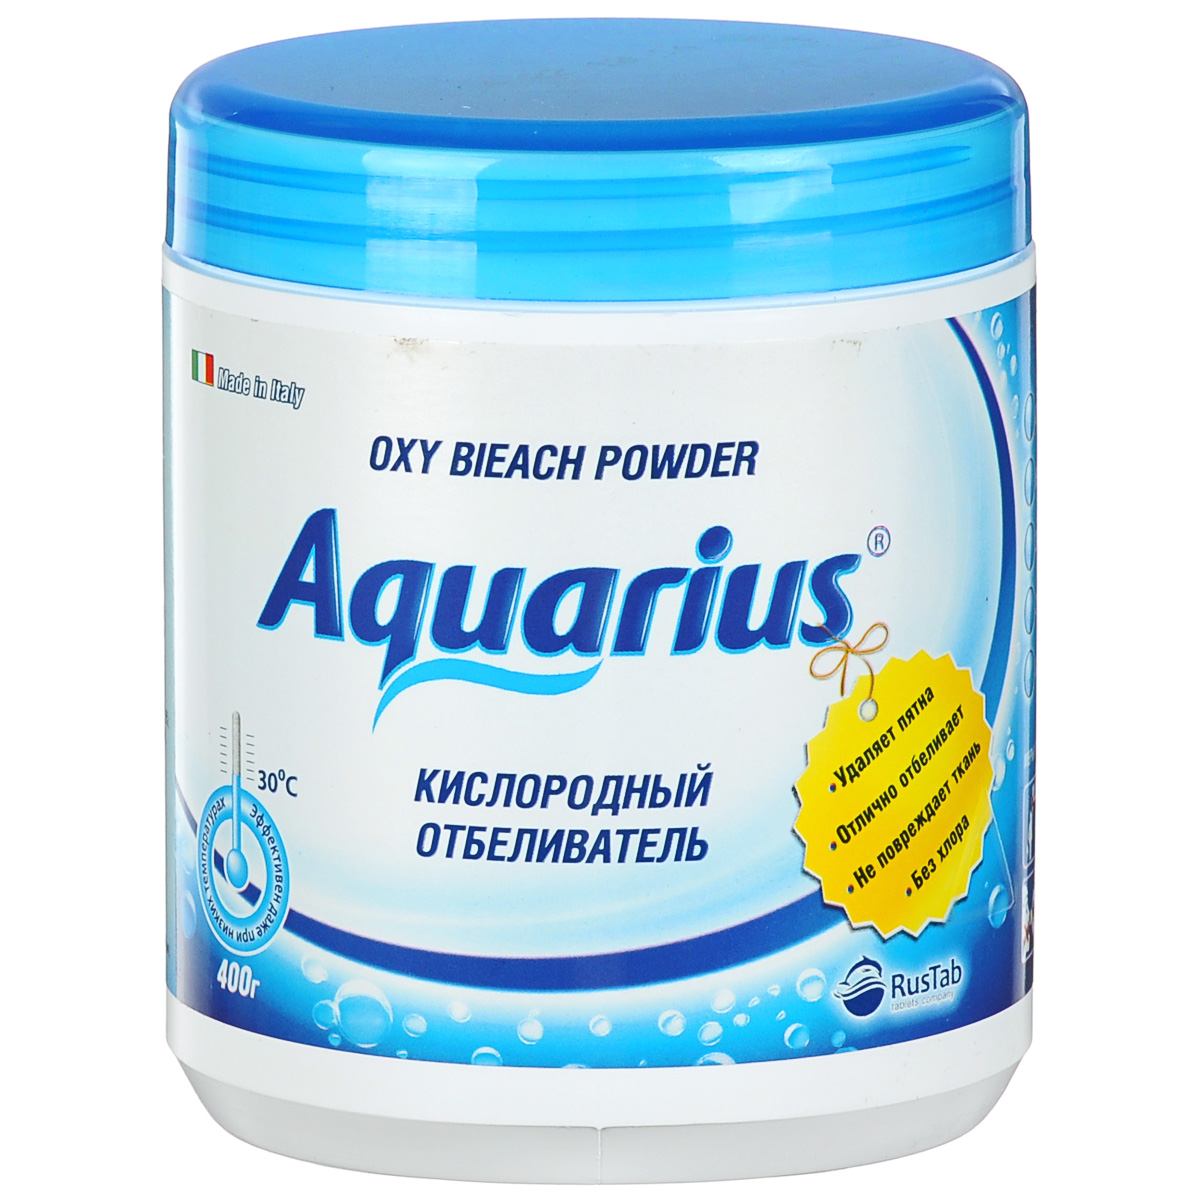 Пятновыводитель для белого белья Lotta Aquarius, кислородный, 400 г060014Кислородный пятновыводитель Lotta Aquarius предназначен для белого белья. Он превосходно удаляет загрязнения даже в холодной воде, благодаря содержанию молекул активного кислорода. Пятновыводитель можно использовать как для ручной стирки, так и для стирки в автоматизированных стиральных машинах. Обладает антибактериальным и дезодорирующим эффектом. Защищает вещи от выцветания. Не содержит хлора. Не использовать для шерсти, шелка, кожи и тонких тканей. Состав: более 30% кислородосодержащий пятновыводитель, менее 5% неионные ПАВ; другие ингредиенты: энзимы (Амилаза, Протеаза, Липаза, Целлюлаза), отдушка, оптический отбеливатель менее 1%. Товар сертифицирован.